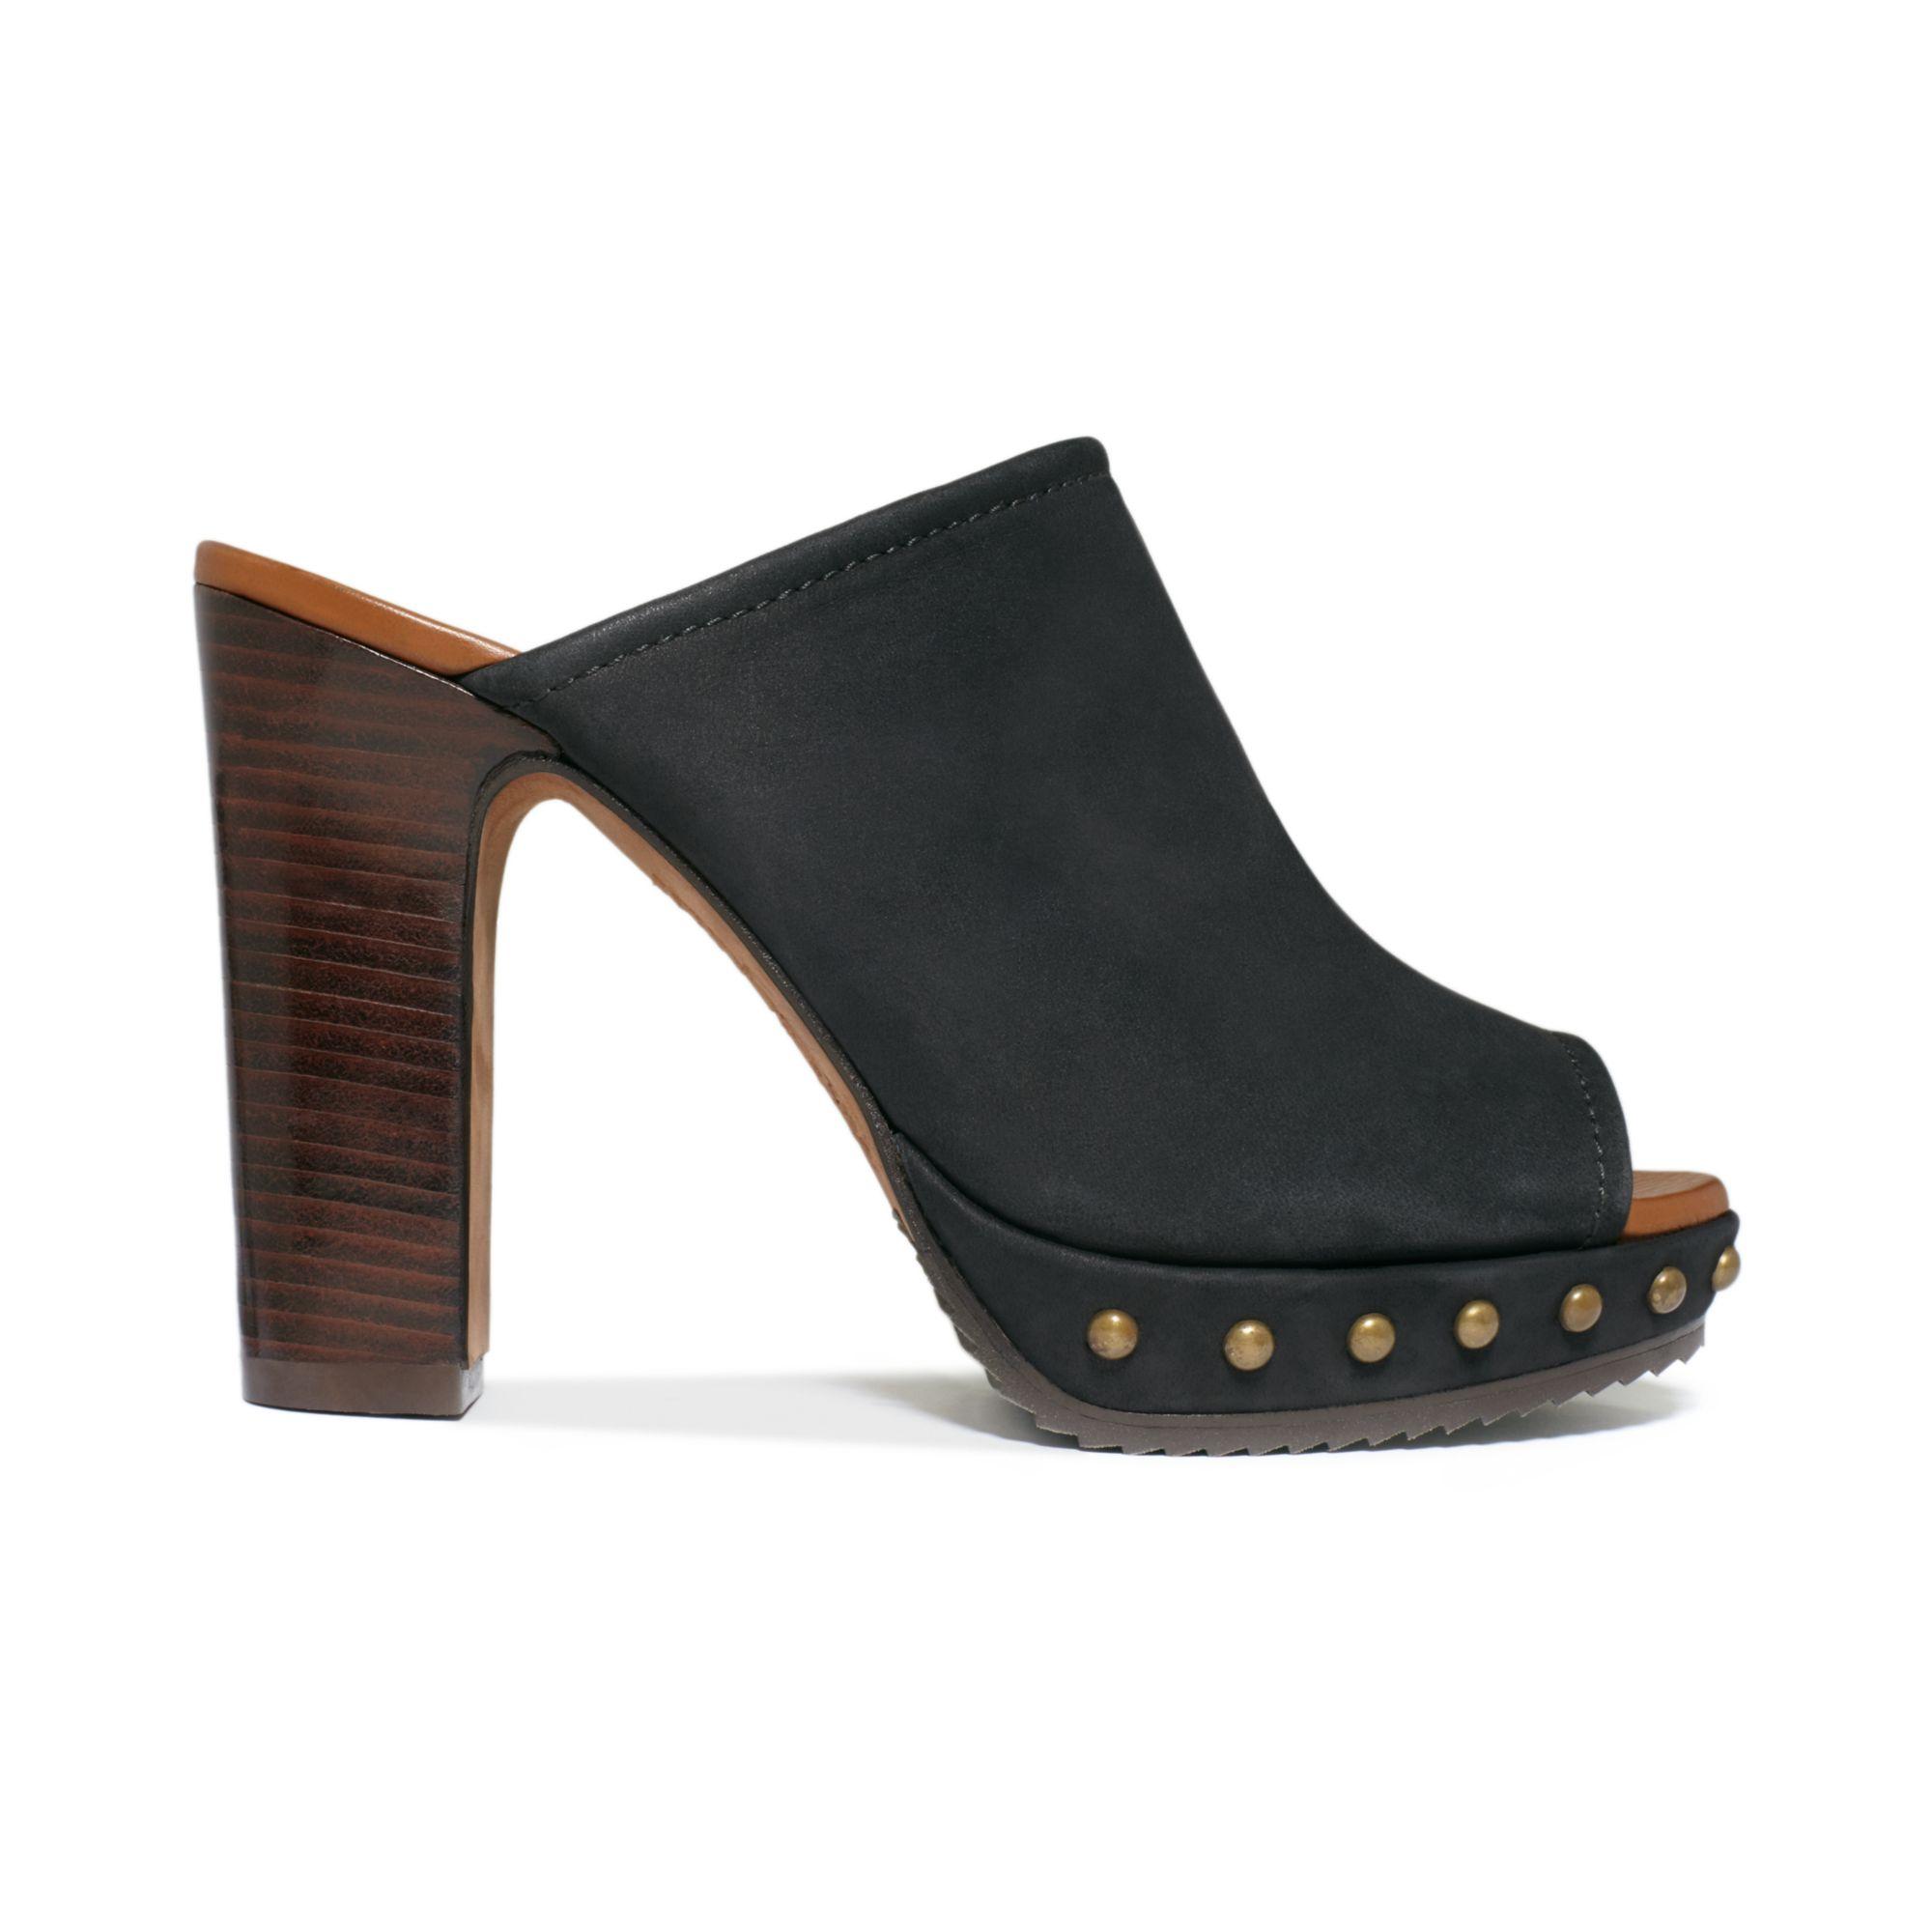 Donald Pliner Womens Mule Shoes